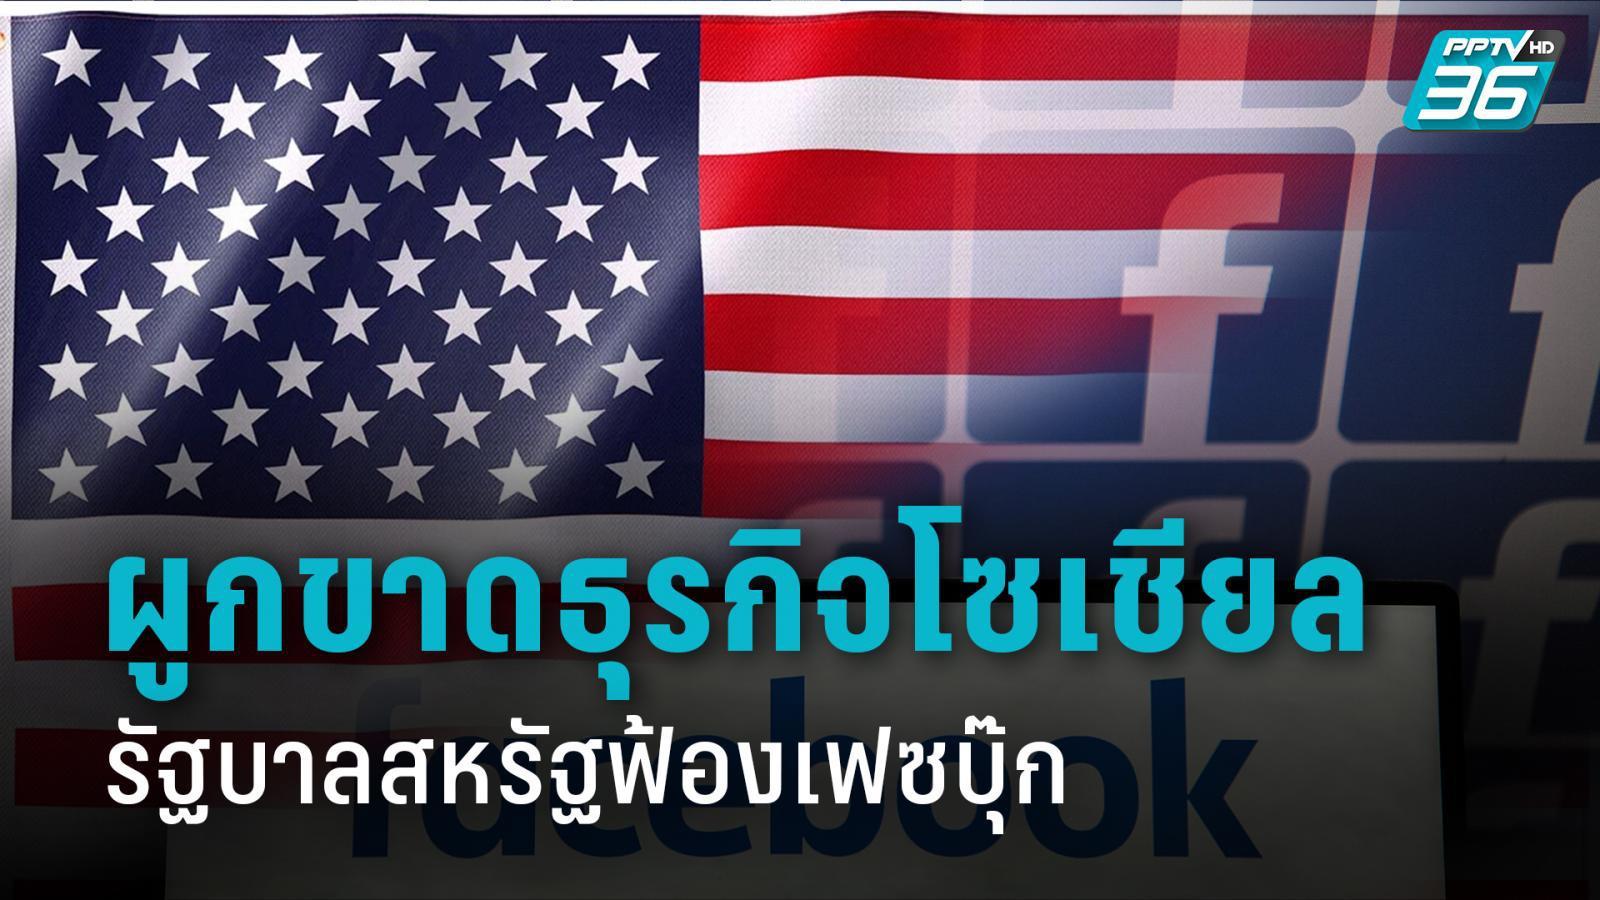 รัฐบาลสหรัฐยื่นฟ้องเฟซบุ๊กผูกขาดอุตสาหกรรมโซเชียลมีเดีย